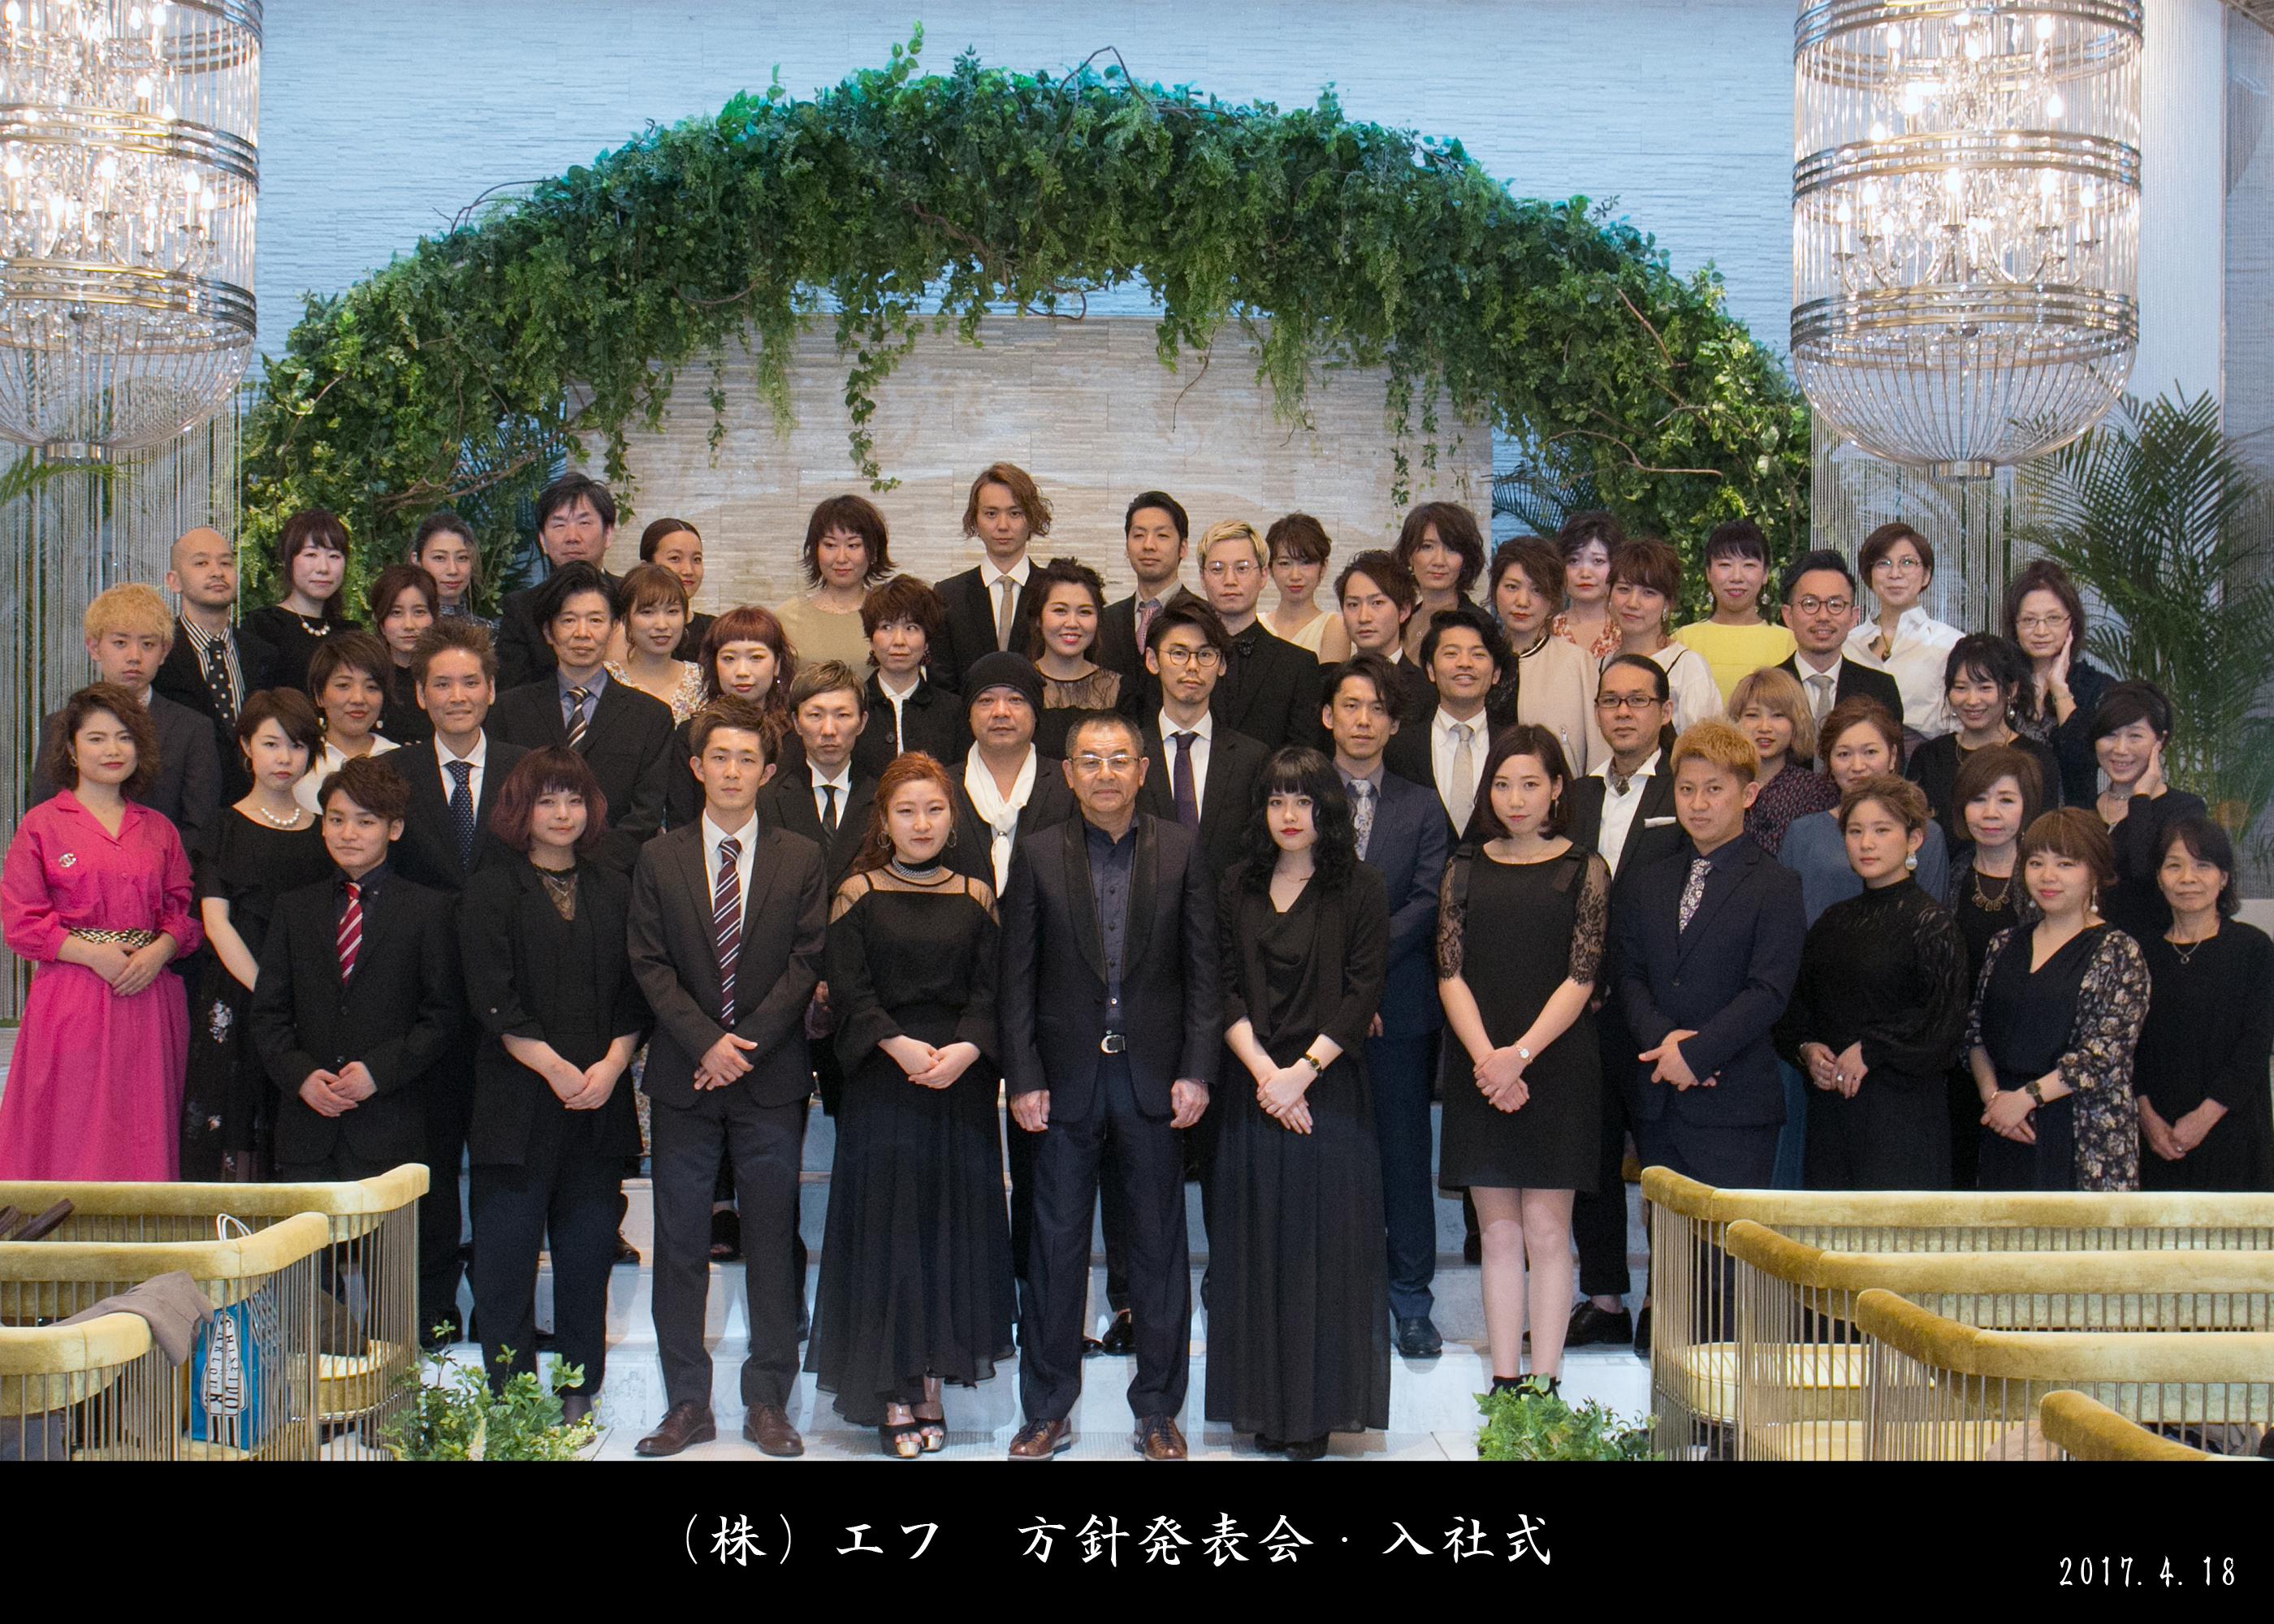 10月31日 美容学生の就活ガイダンス・就職カンファレンス@Beauty 福岡開催